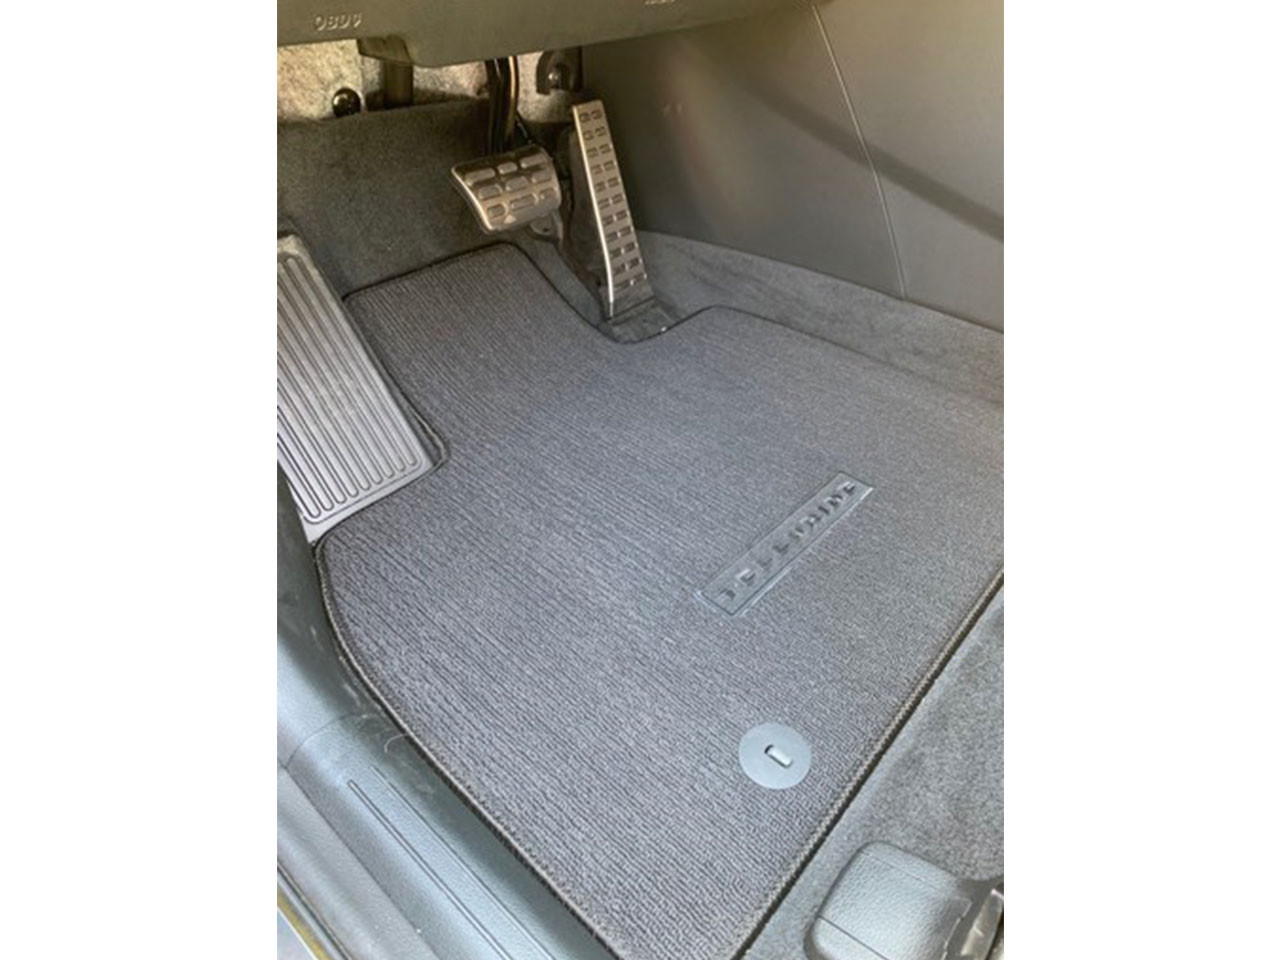 2020 Kia Telluride Carpeted Floor Mats, Black